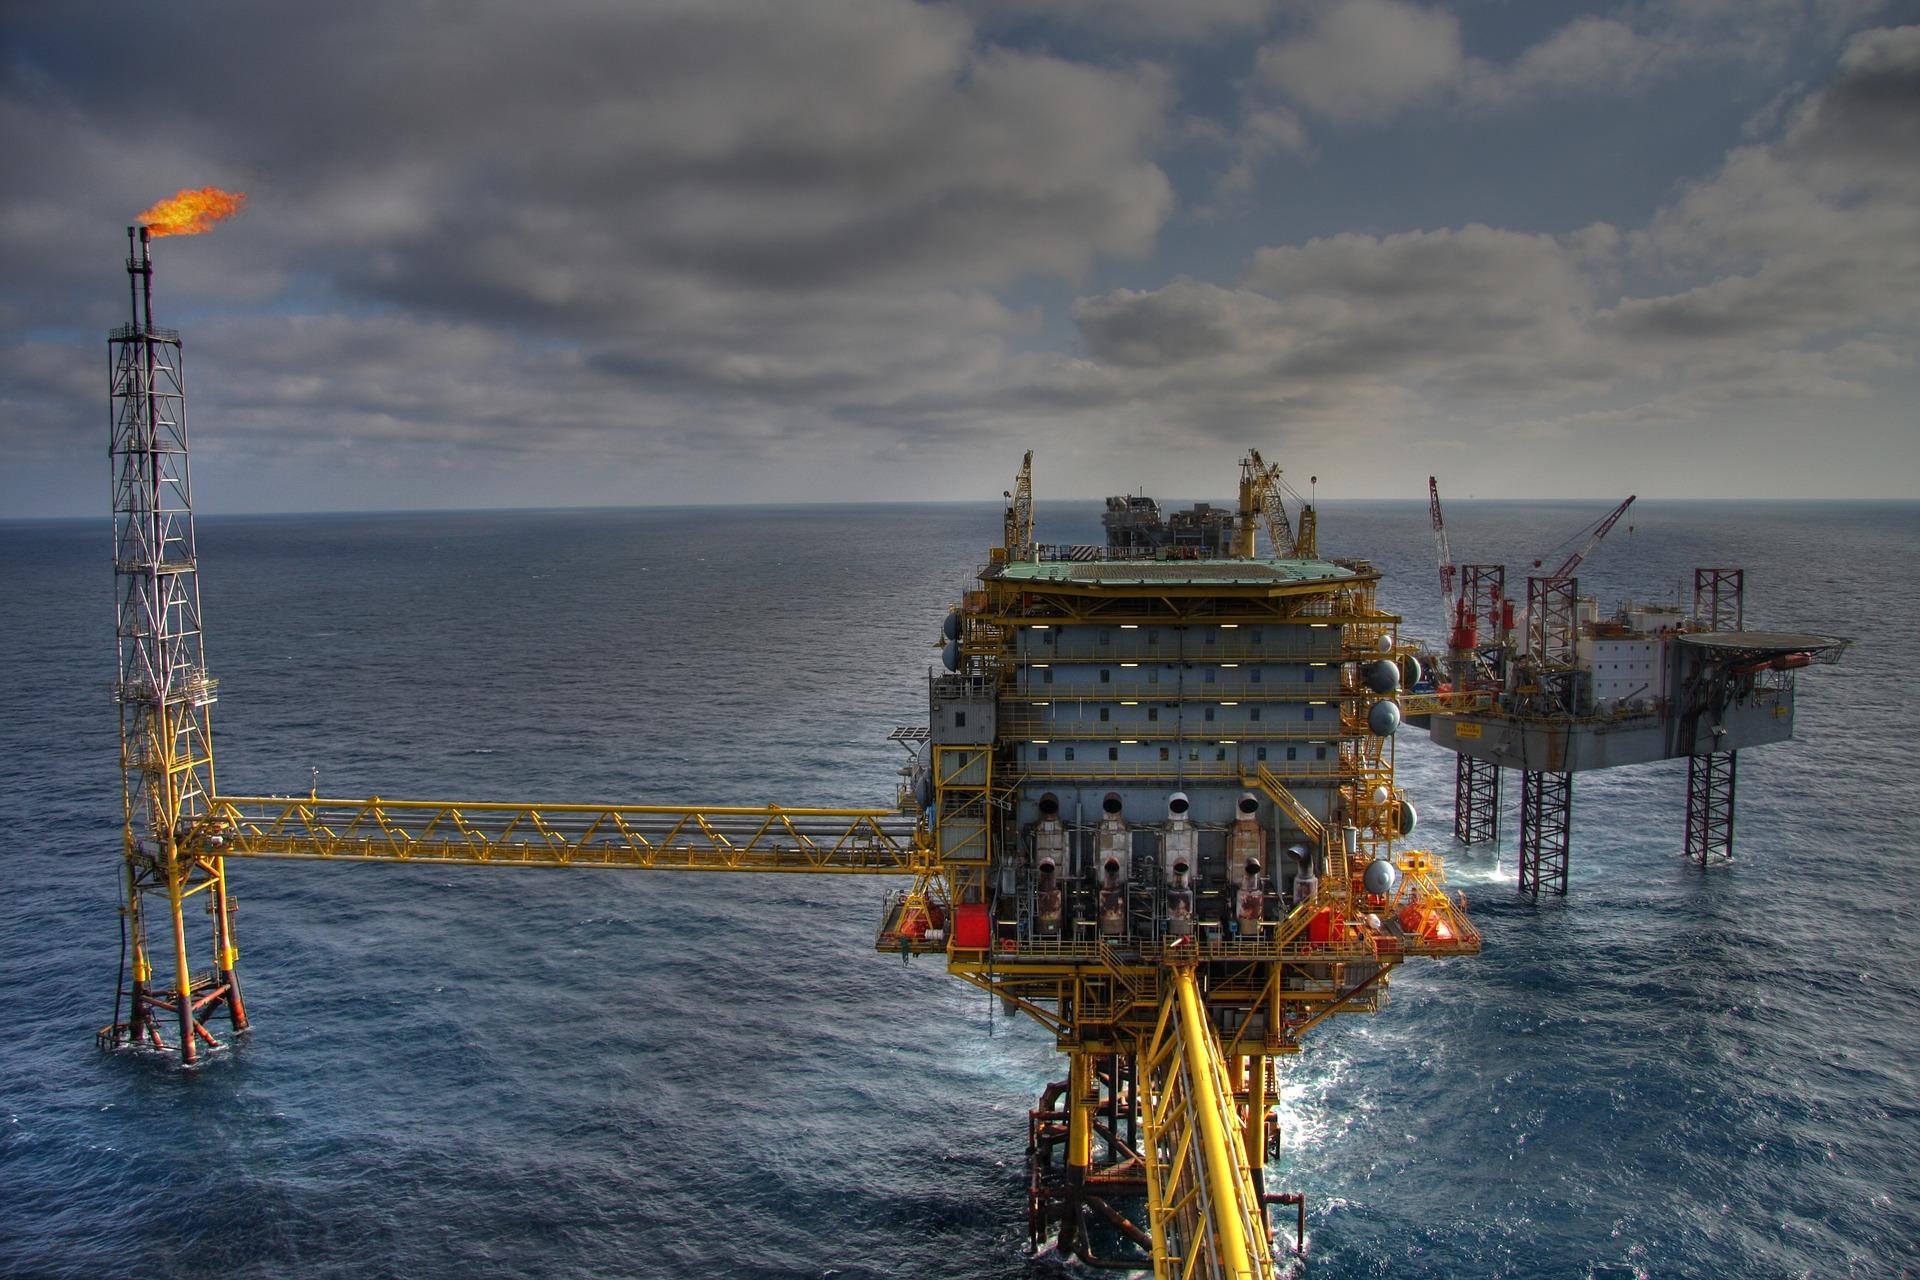 Natural gas rig. Photo credit: Kristina Kasp